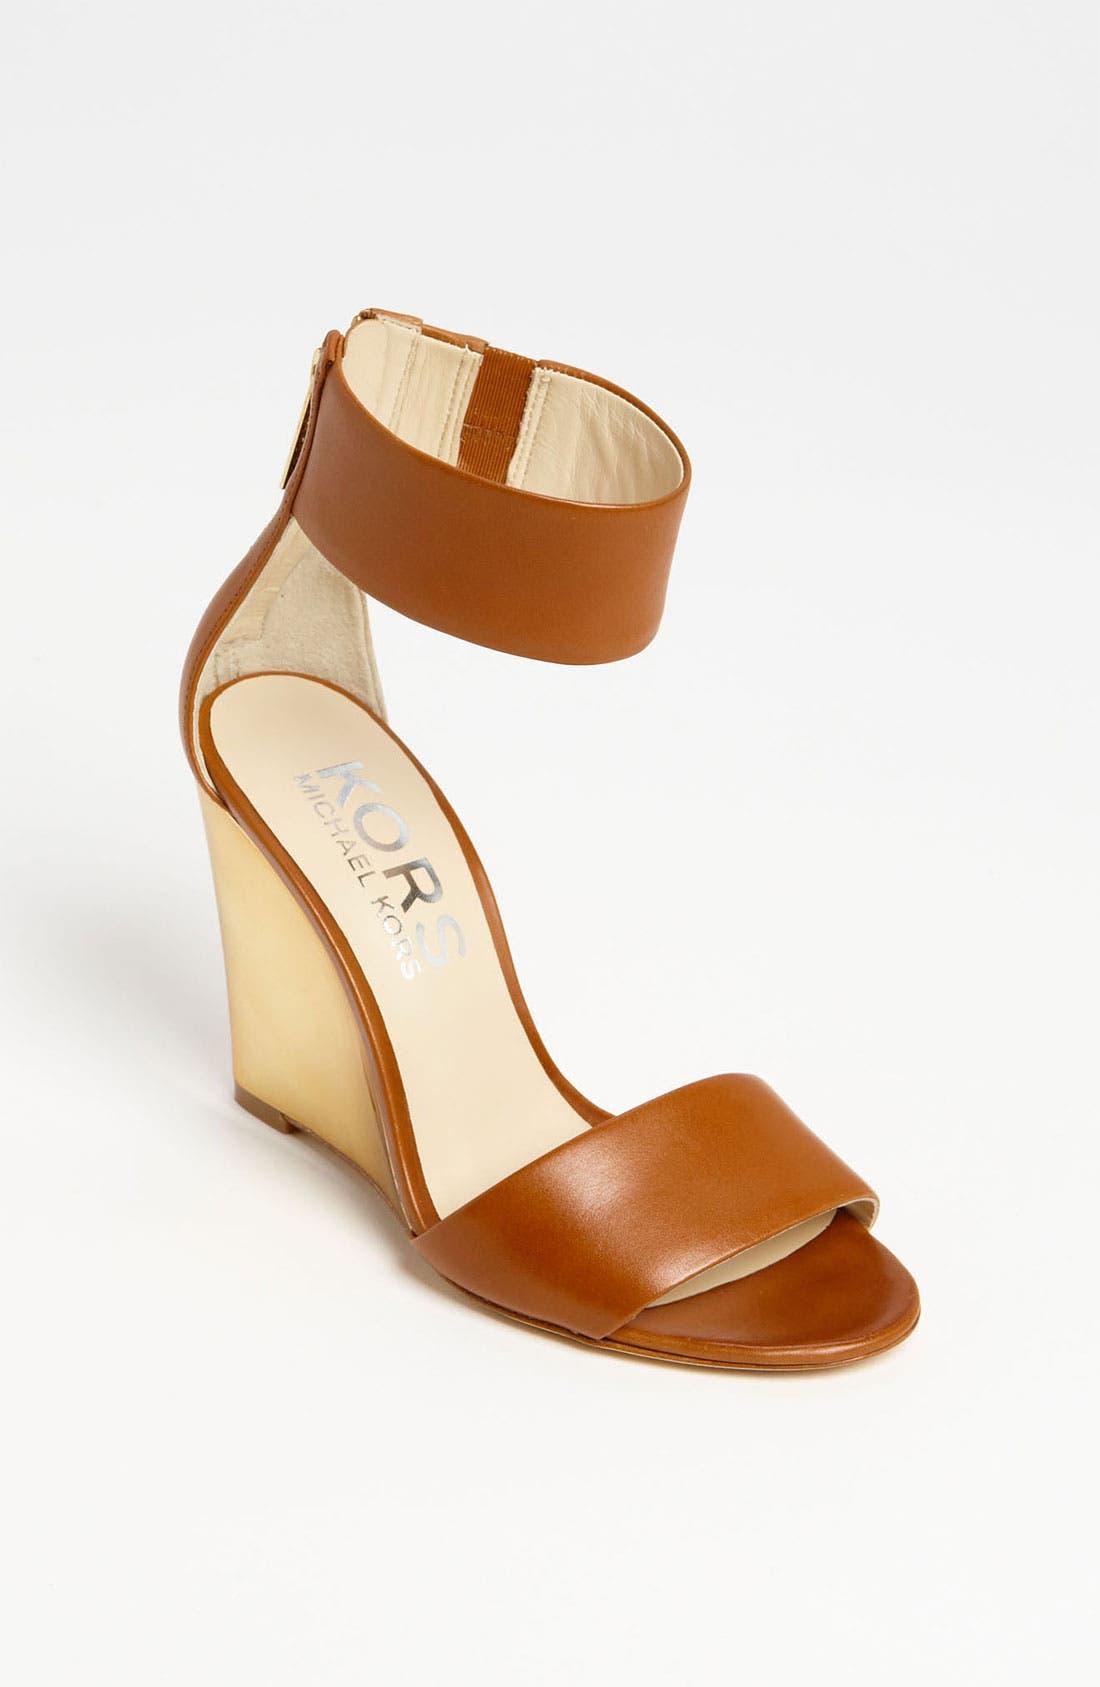 Alternate Image 1 Selected - KORS Michael Kors 'Rosalie' Sandal